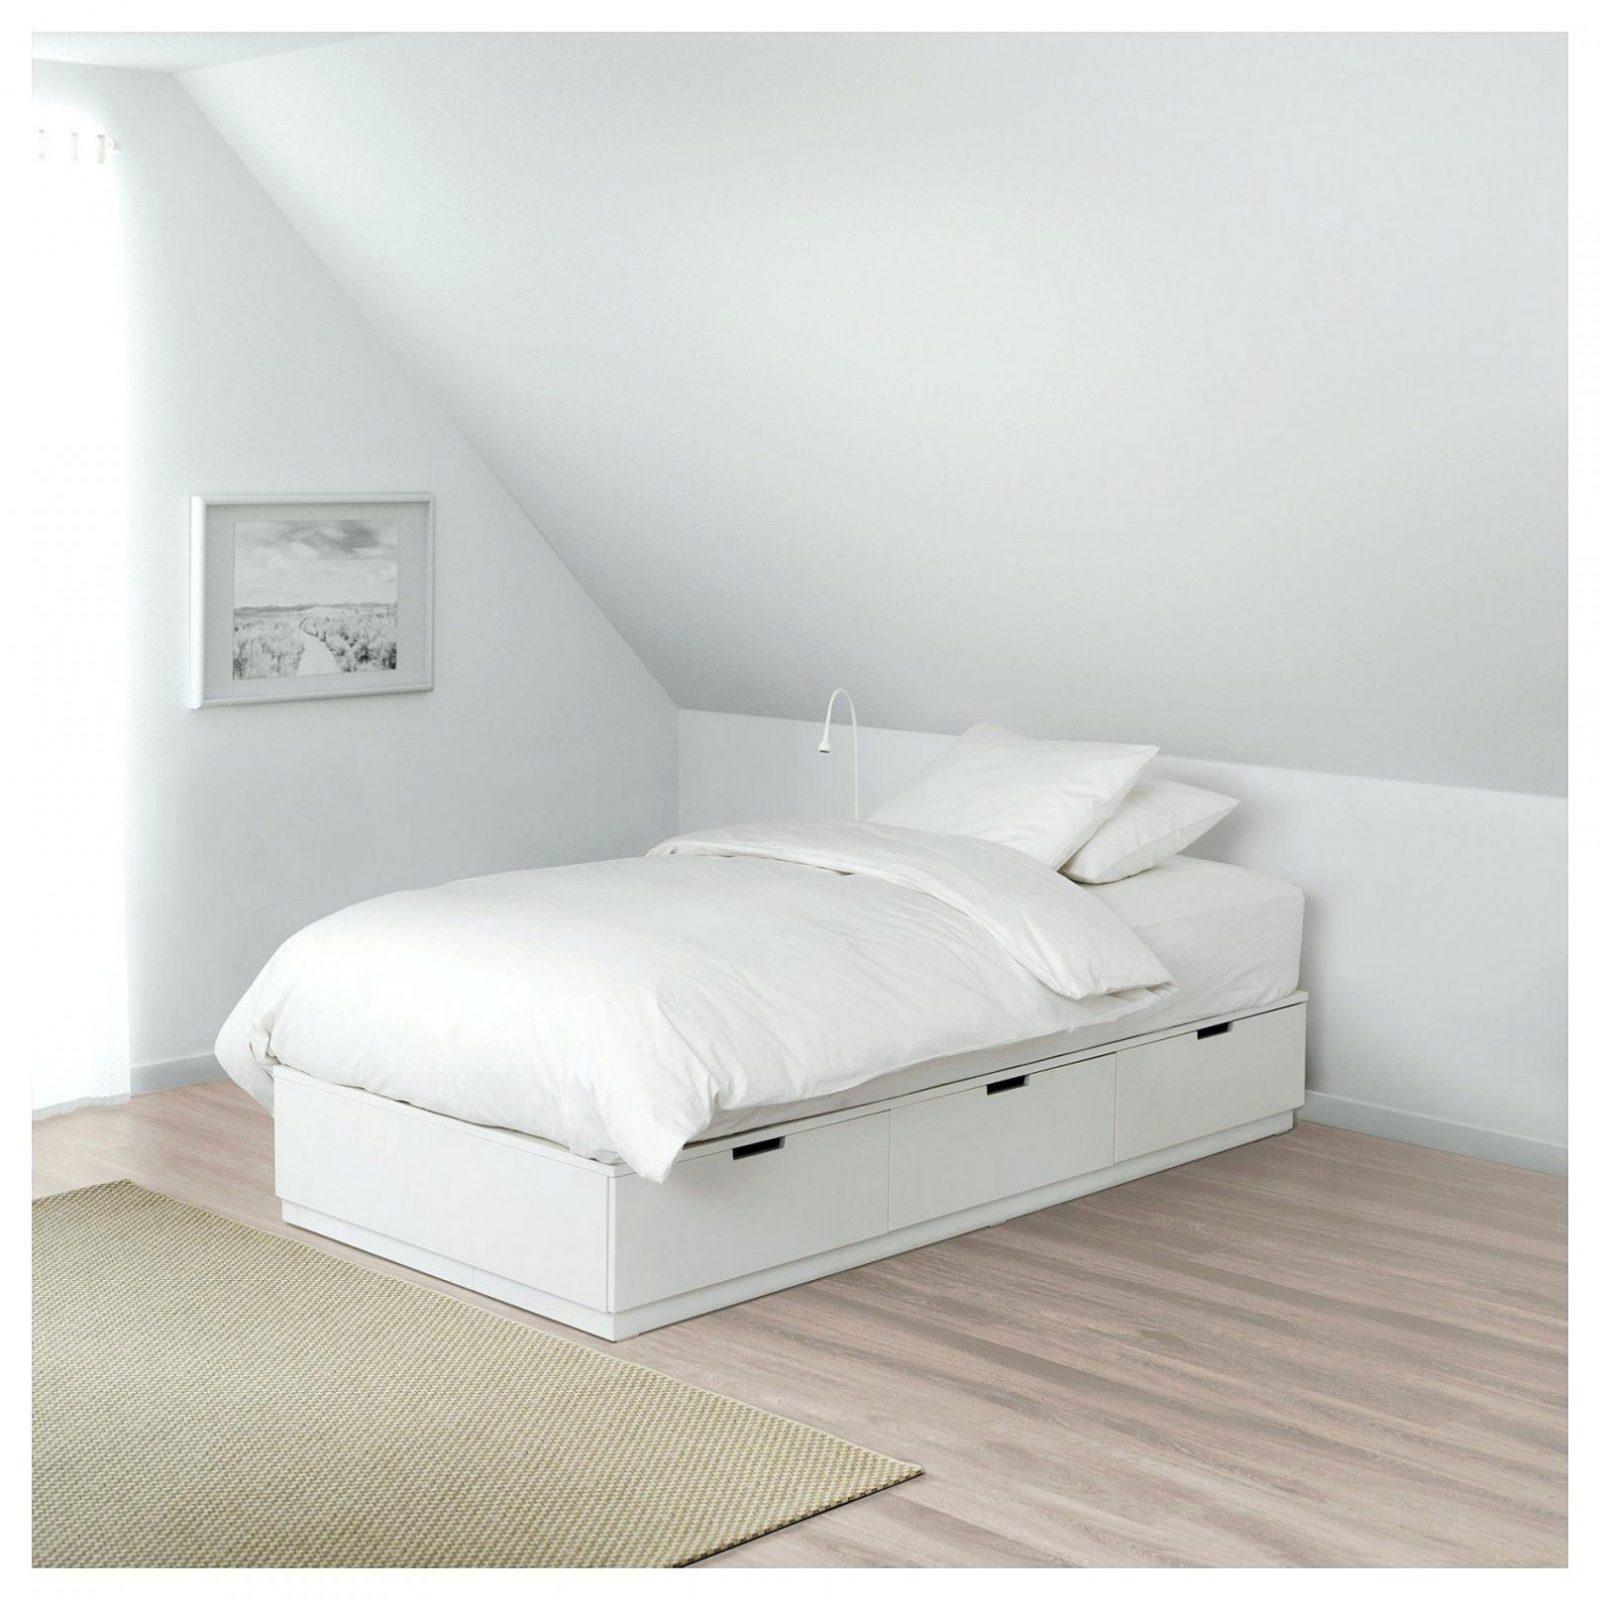 Bett 120x200 Ikea Boxspringbetten Matratzen Swiss Sense